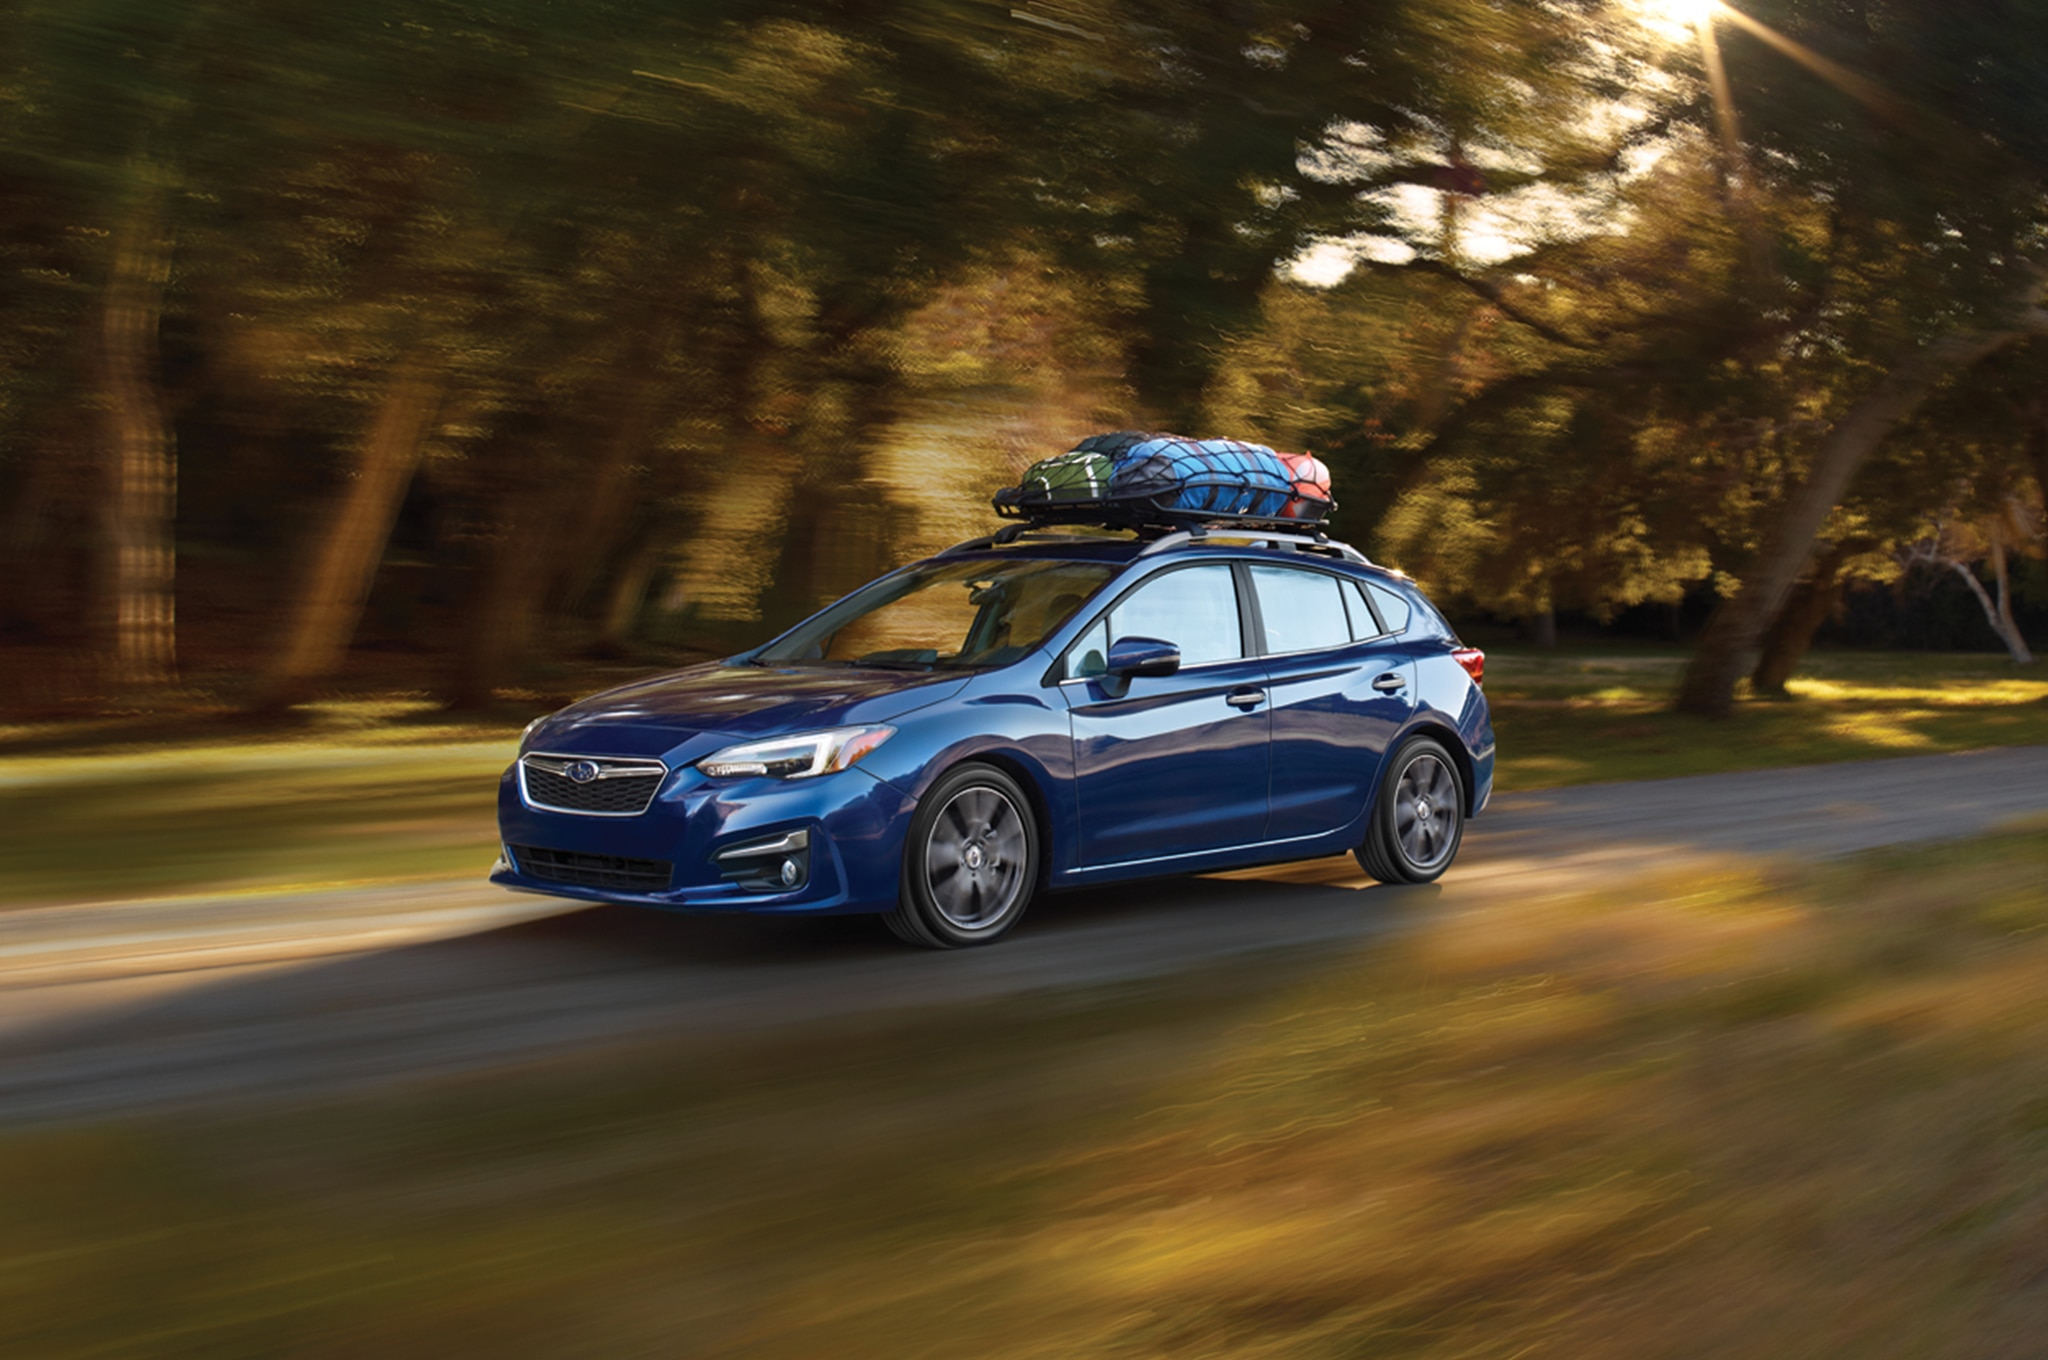 Subaru Impreza San Diego >> Subaru Impreza 2017: Primer Manejo - Motor Trend en Español